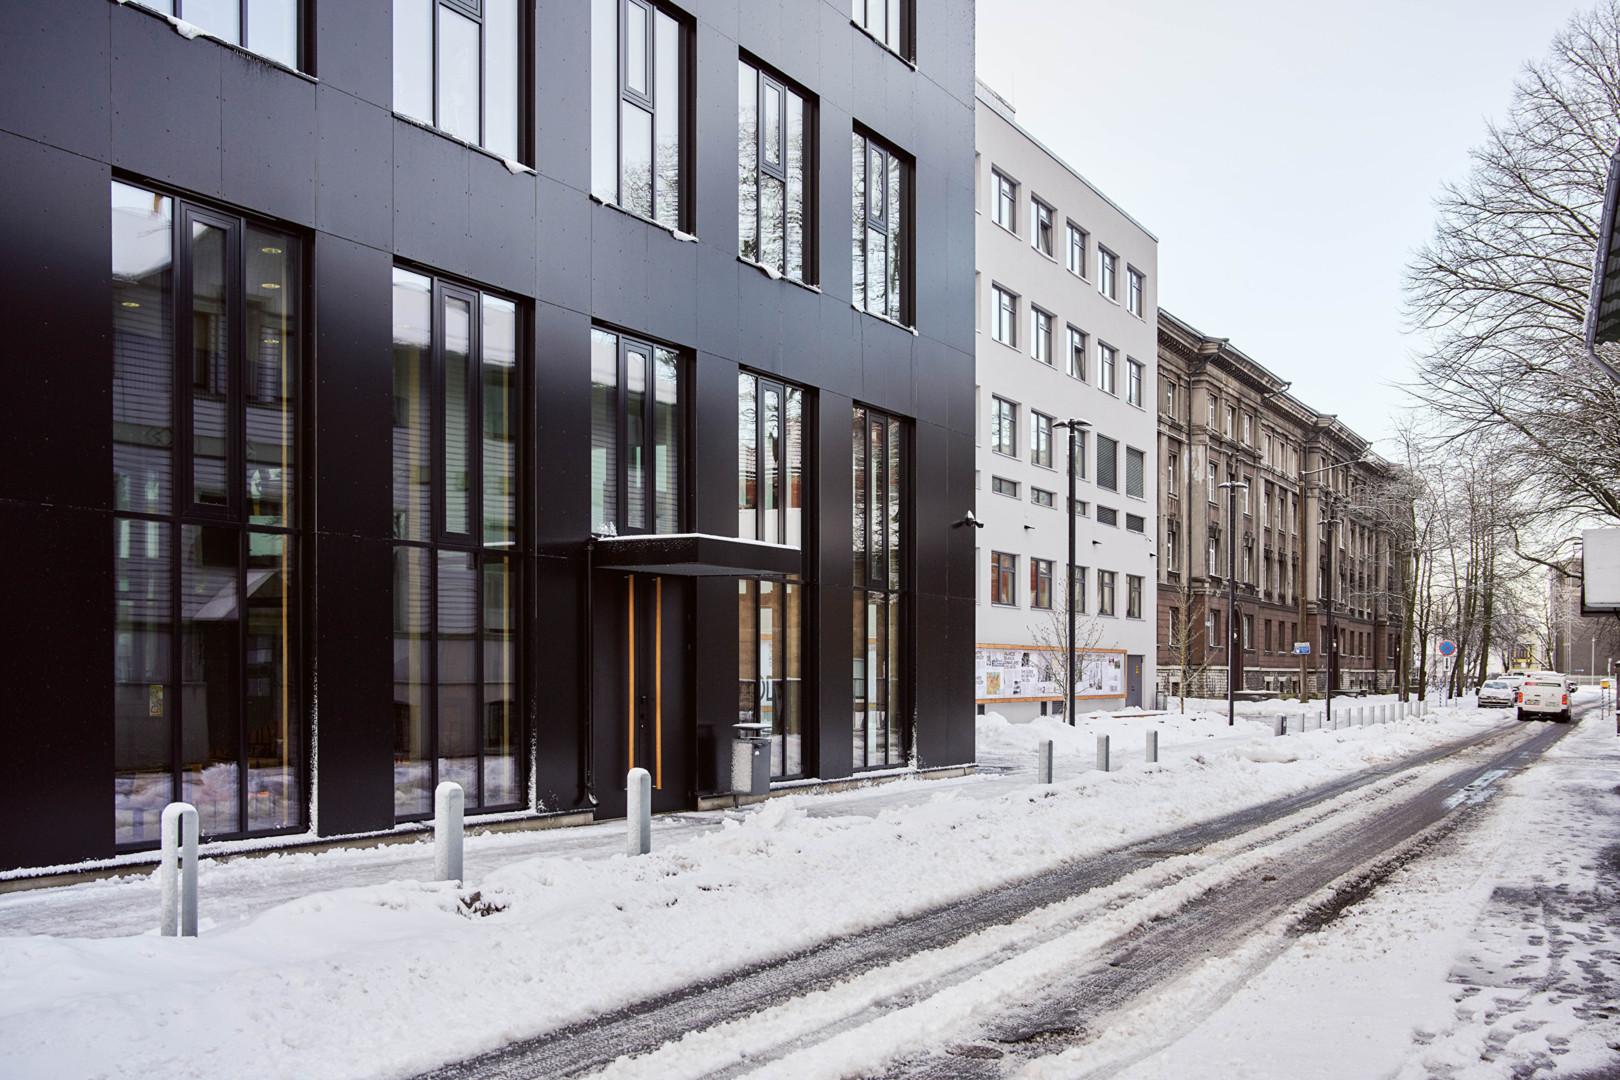 Aasta betoonehitis on Eesti Kunstiakadeemia. (Foto: pressimaterjalid)